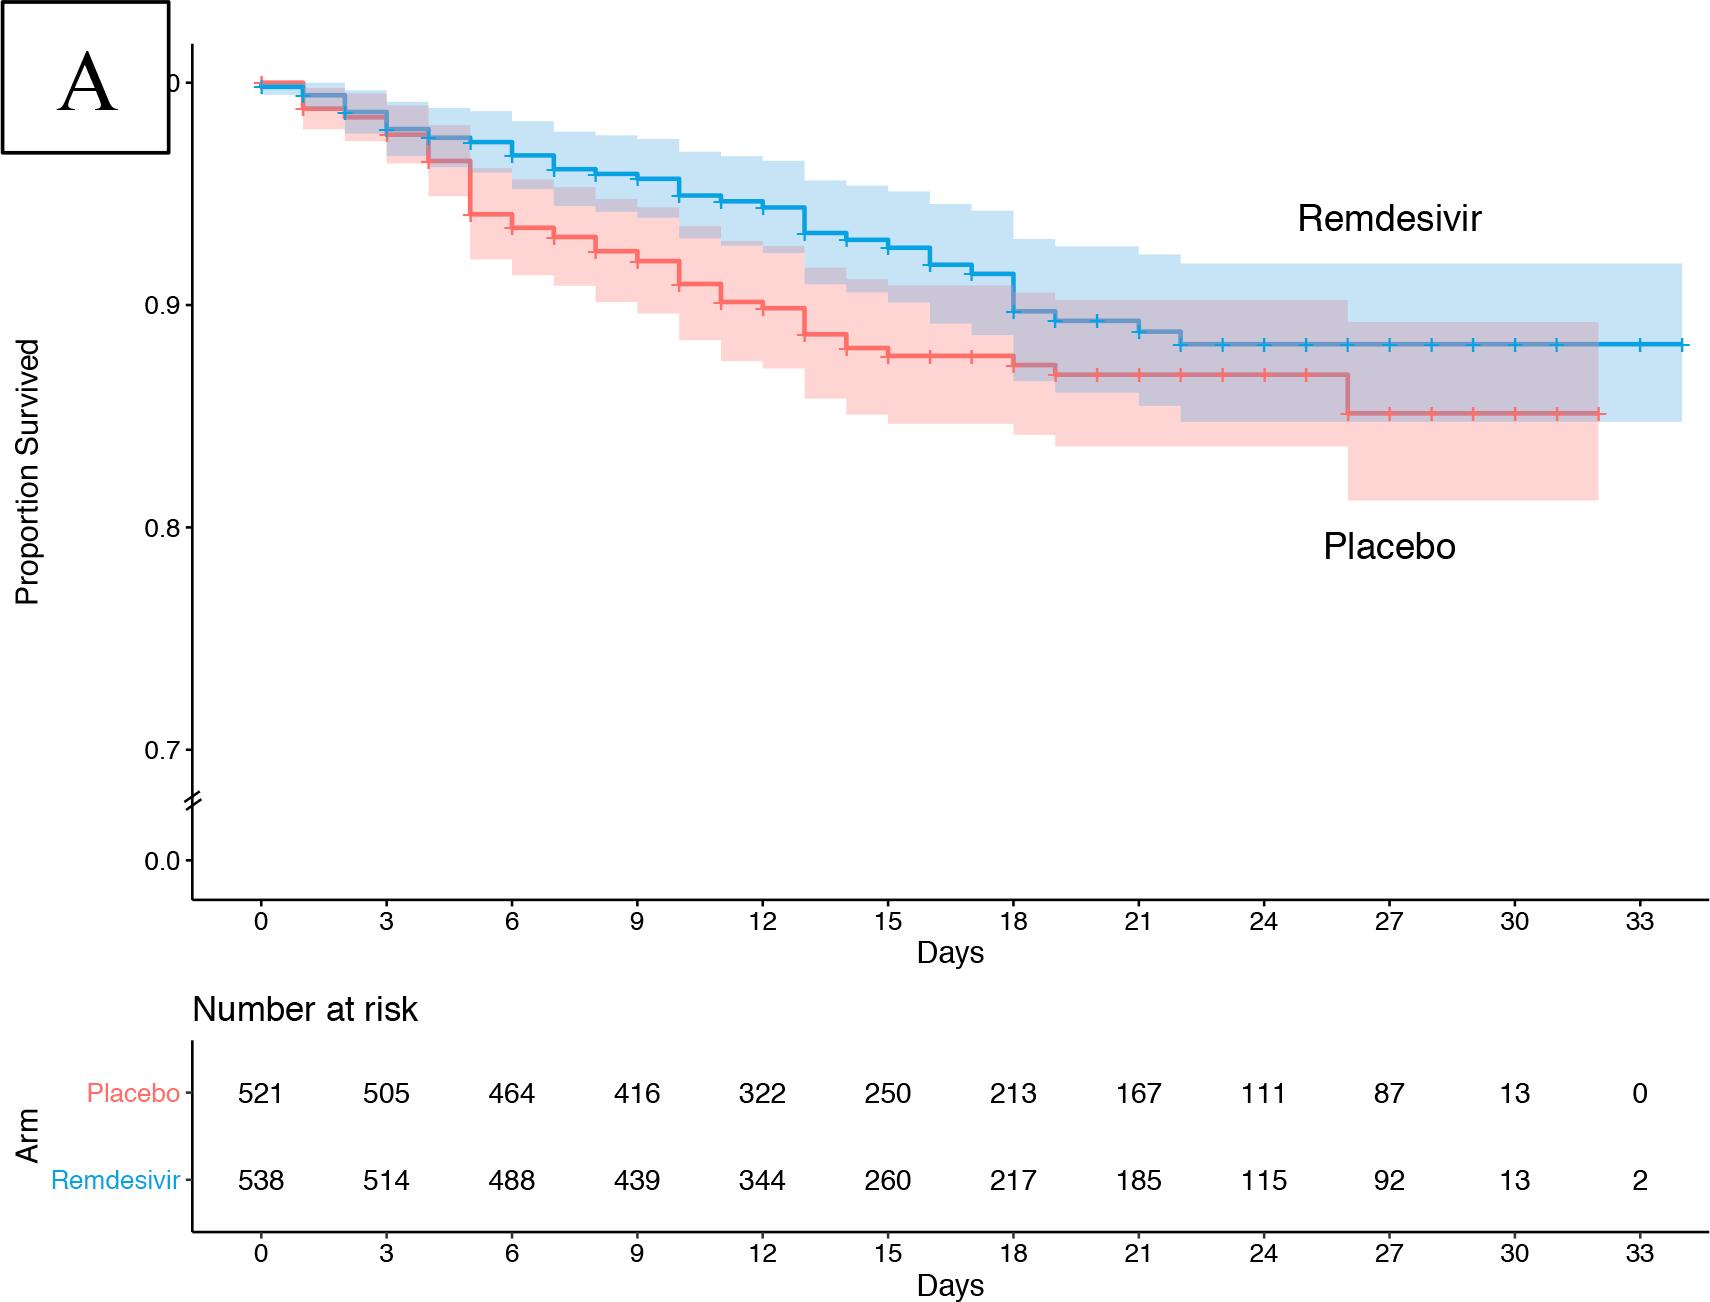 nct04280705 results 04 - Коронавирус. Лекарства. Ремдесивир ускорил выздоровление на треть